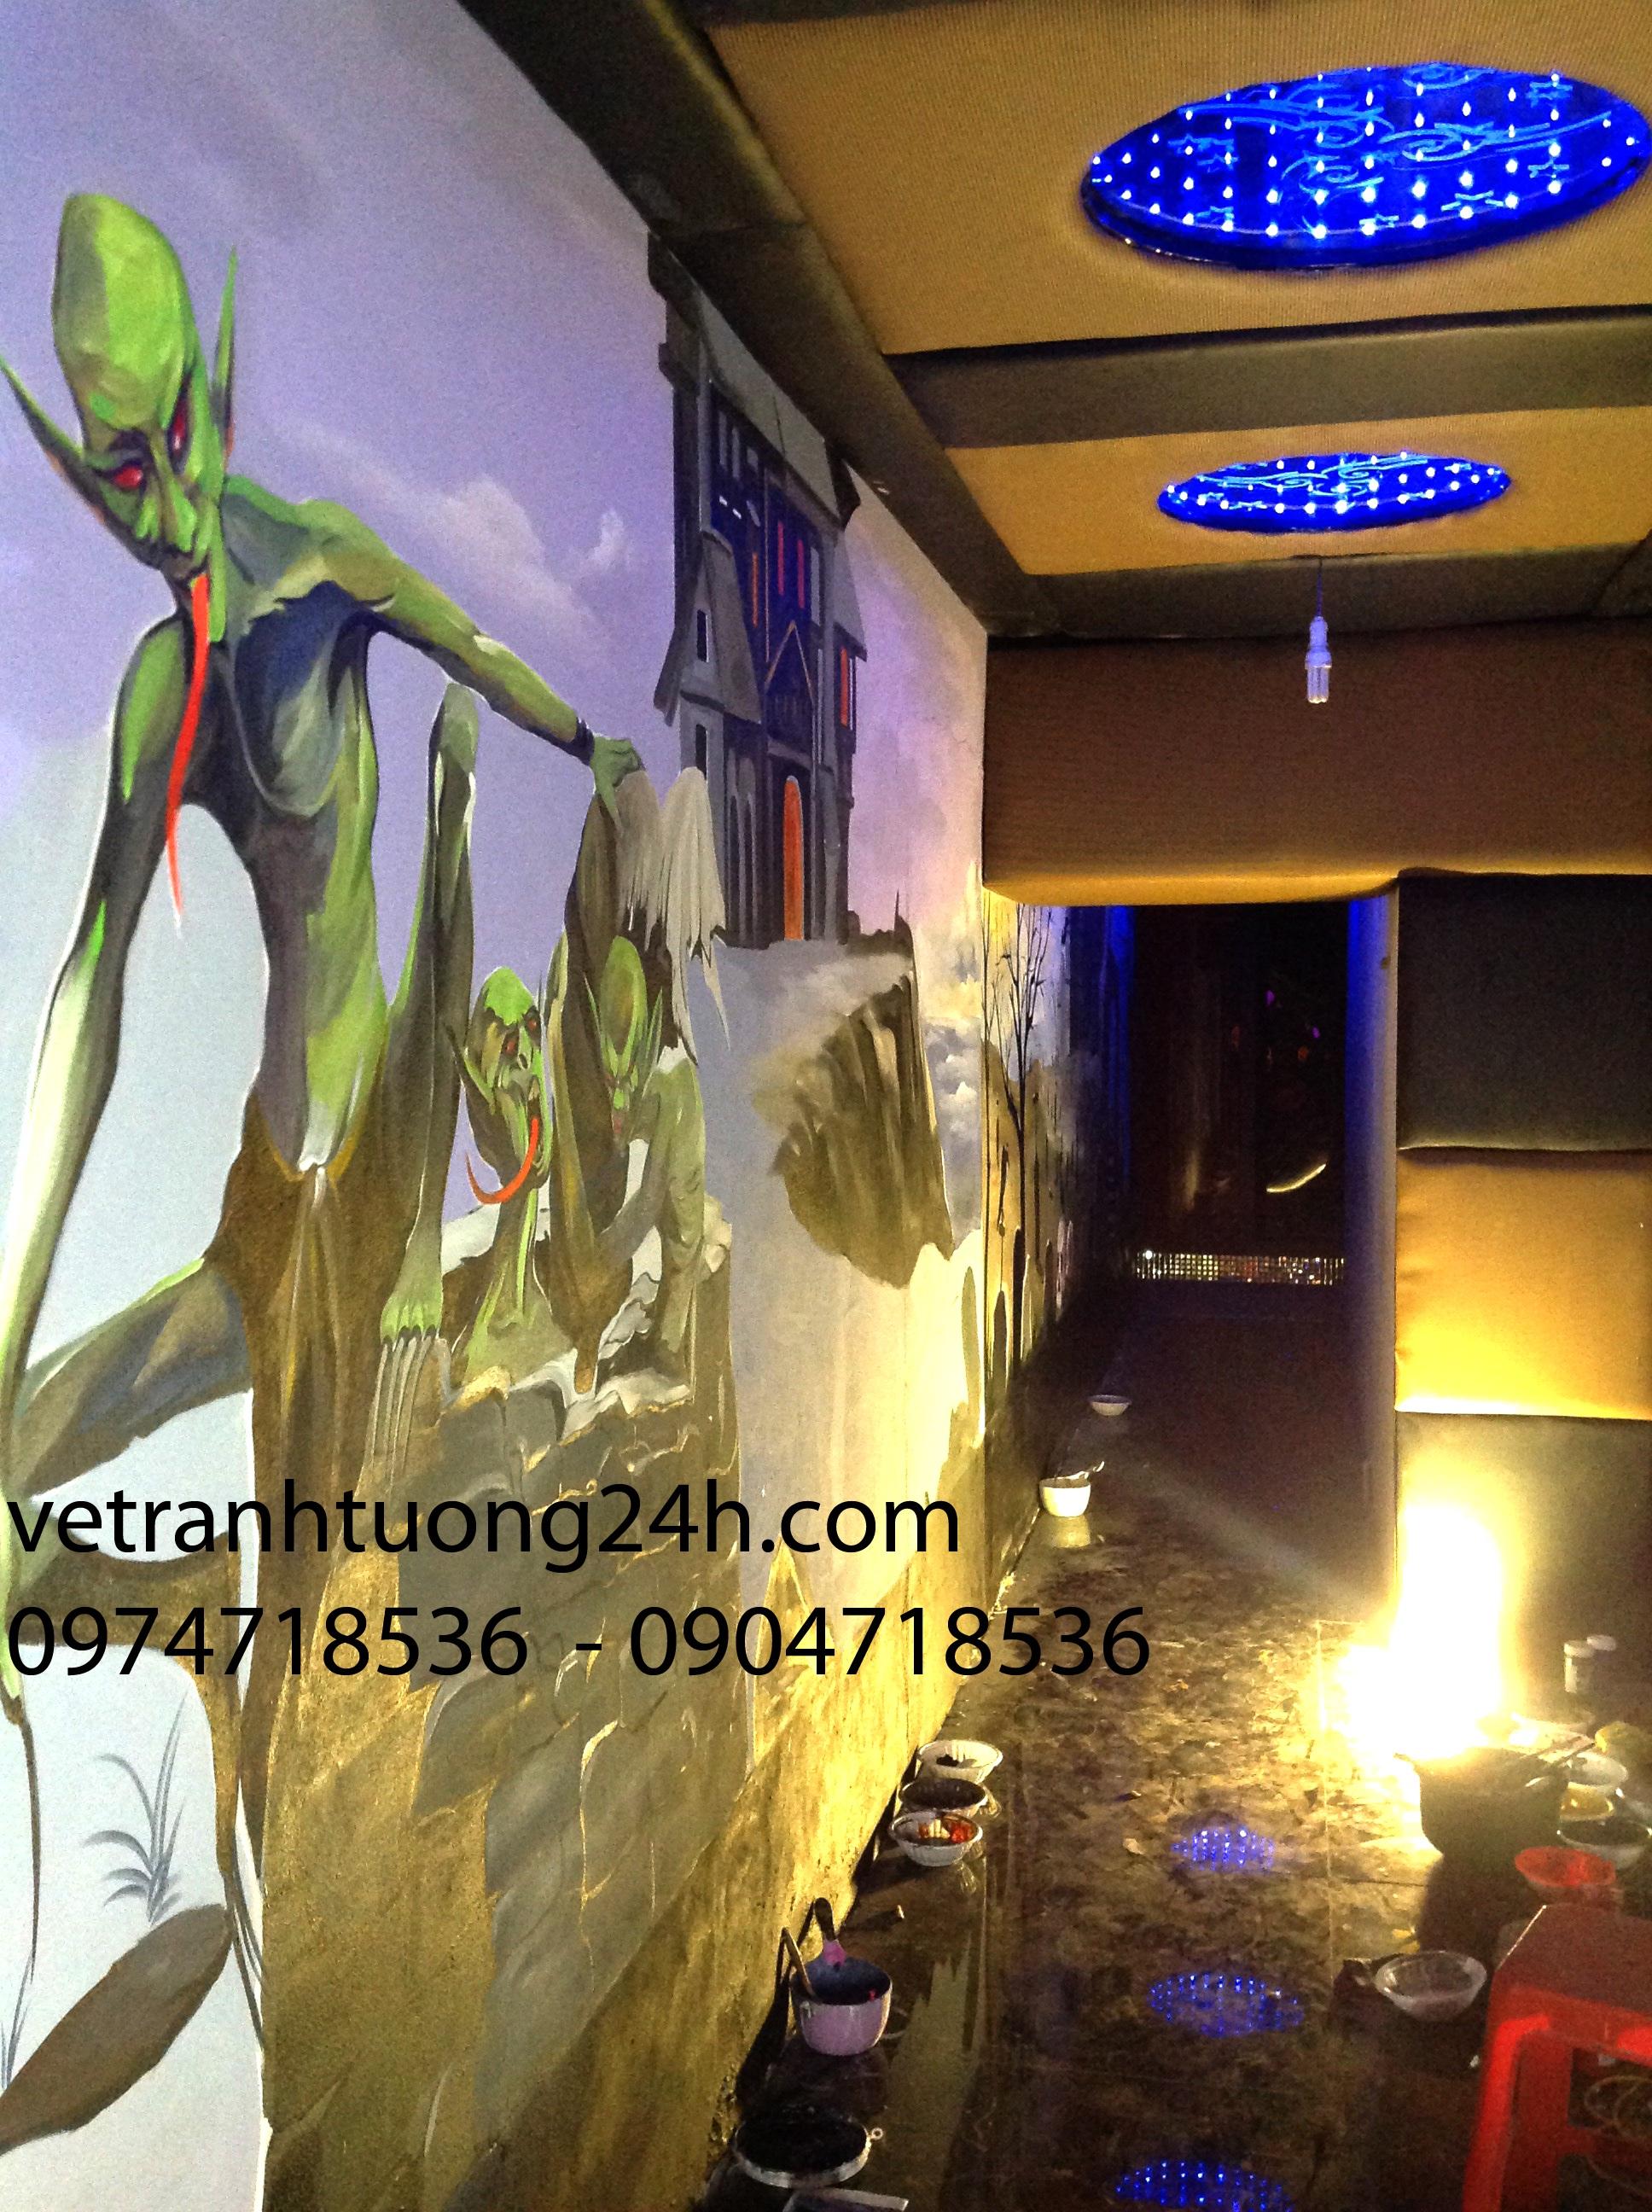 tranh-tuong-san-bar-cafe-tang-4-khach-san-khach-san-vision-thanh-pho-1